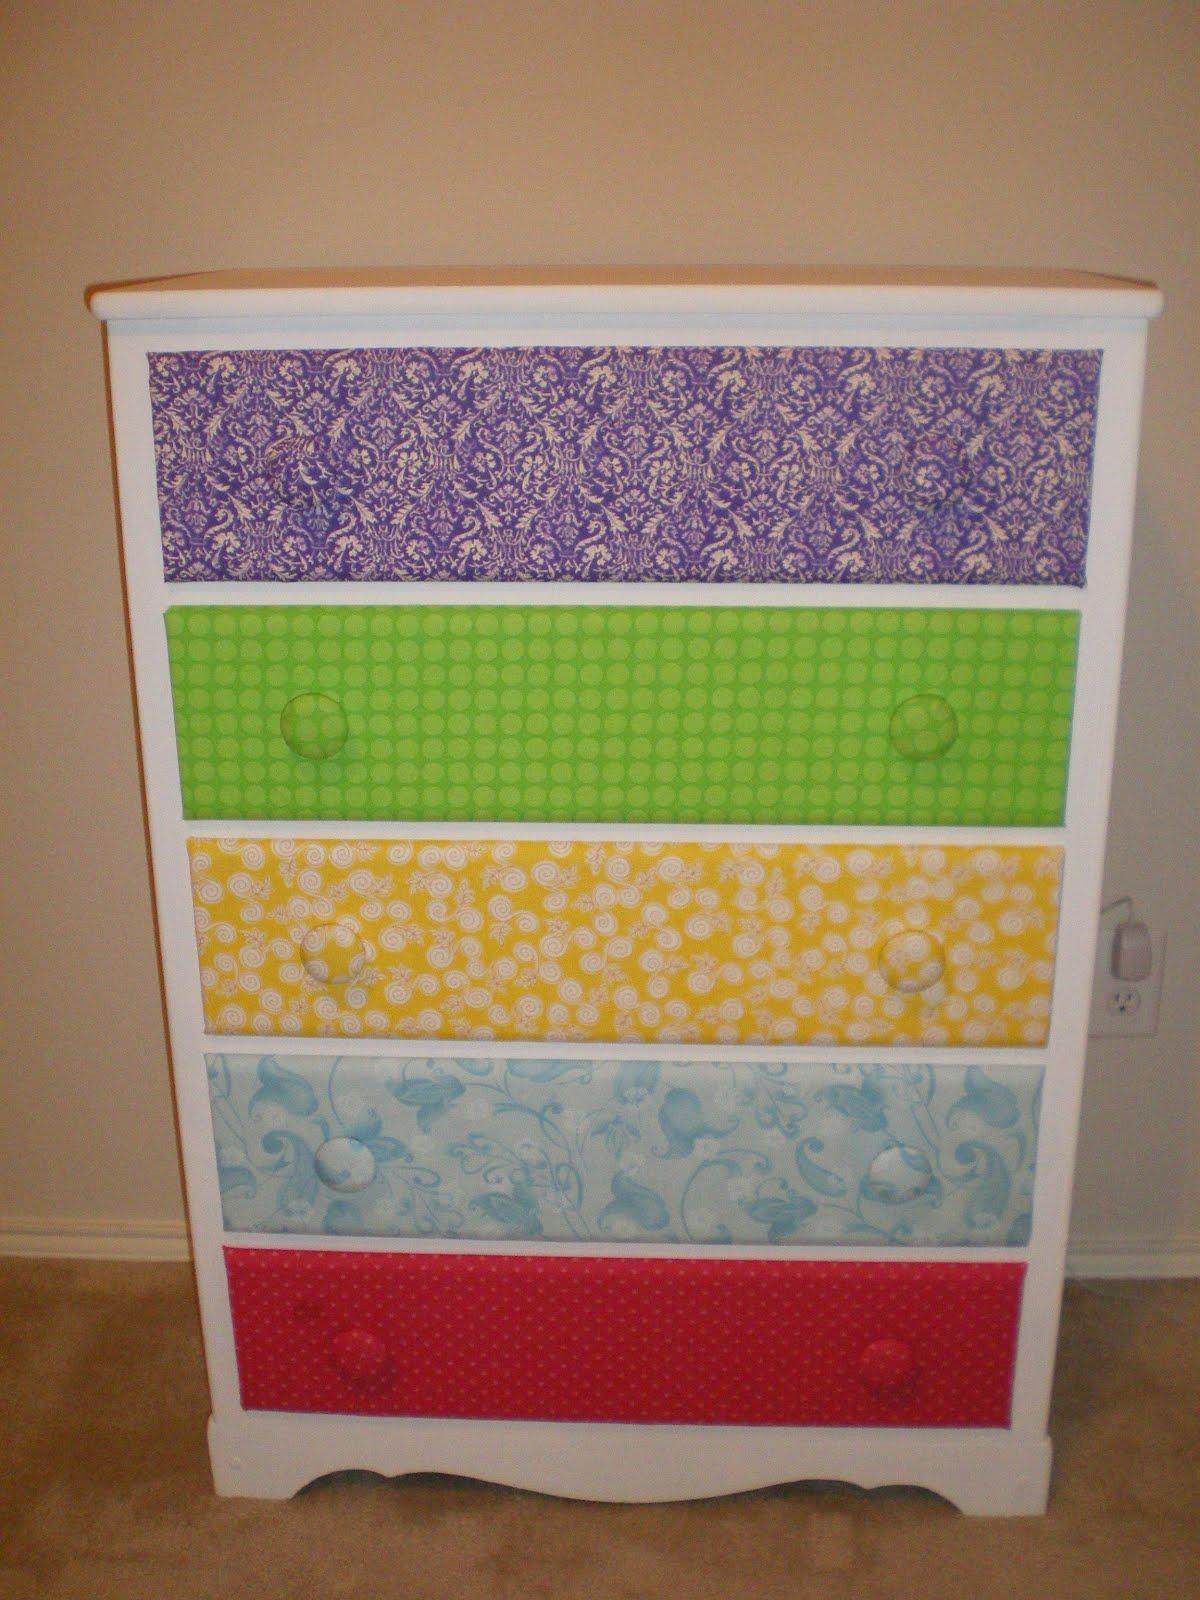 mama meryl 39 s monographs diy dresser makeover. Black Bedroom Furniture Sets. Home Design Ideas